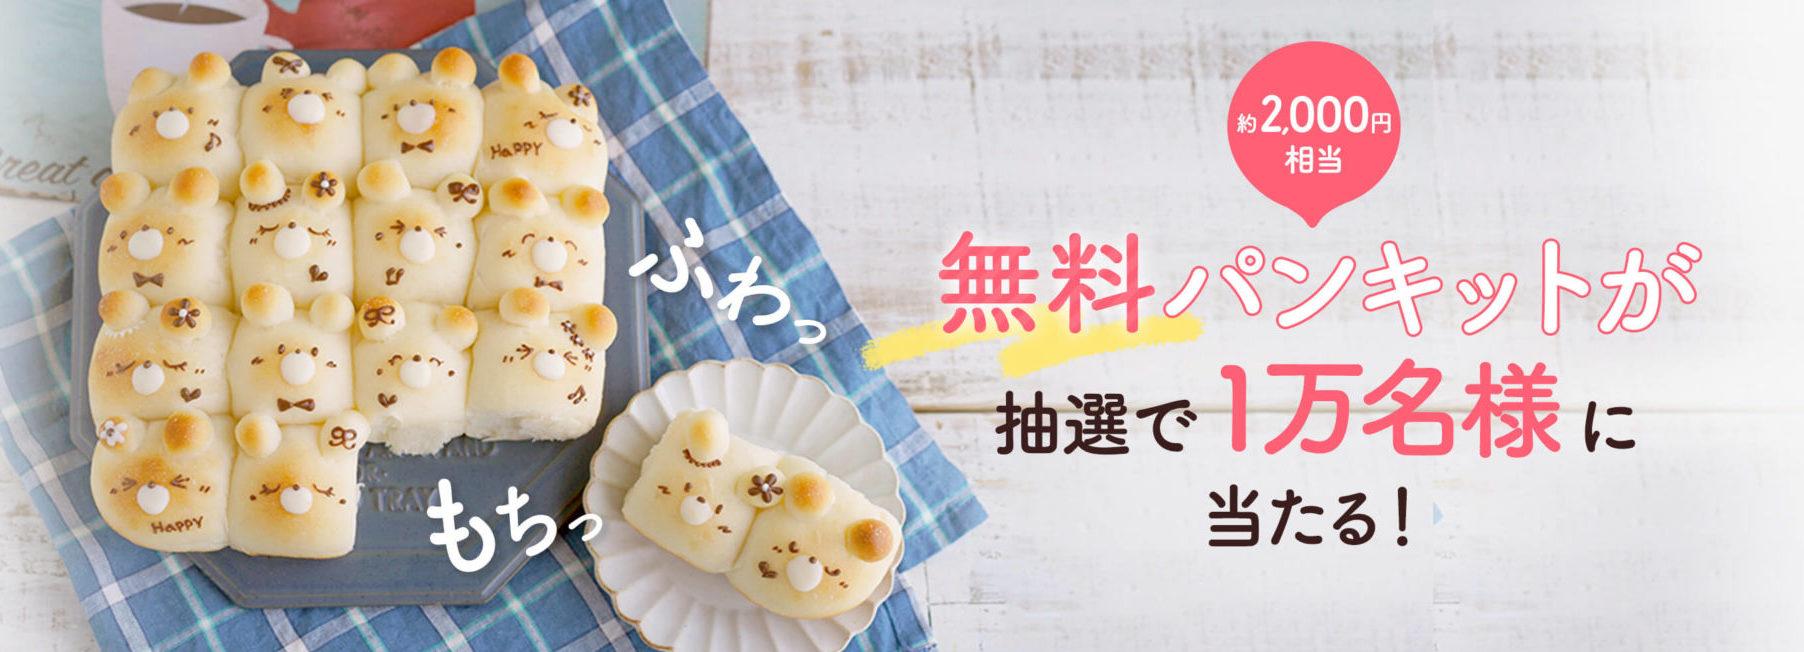 cottaで「くまさんちぎりパン」作成キットが抽選で1万名に当たる。送料は500円。こんなの可愛すぎて犯罪だろ。~10/23。